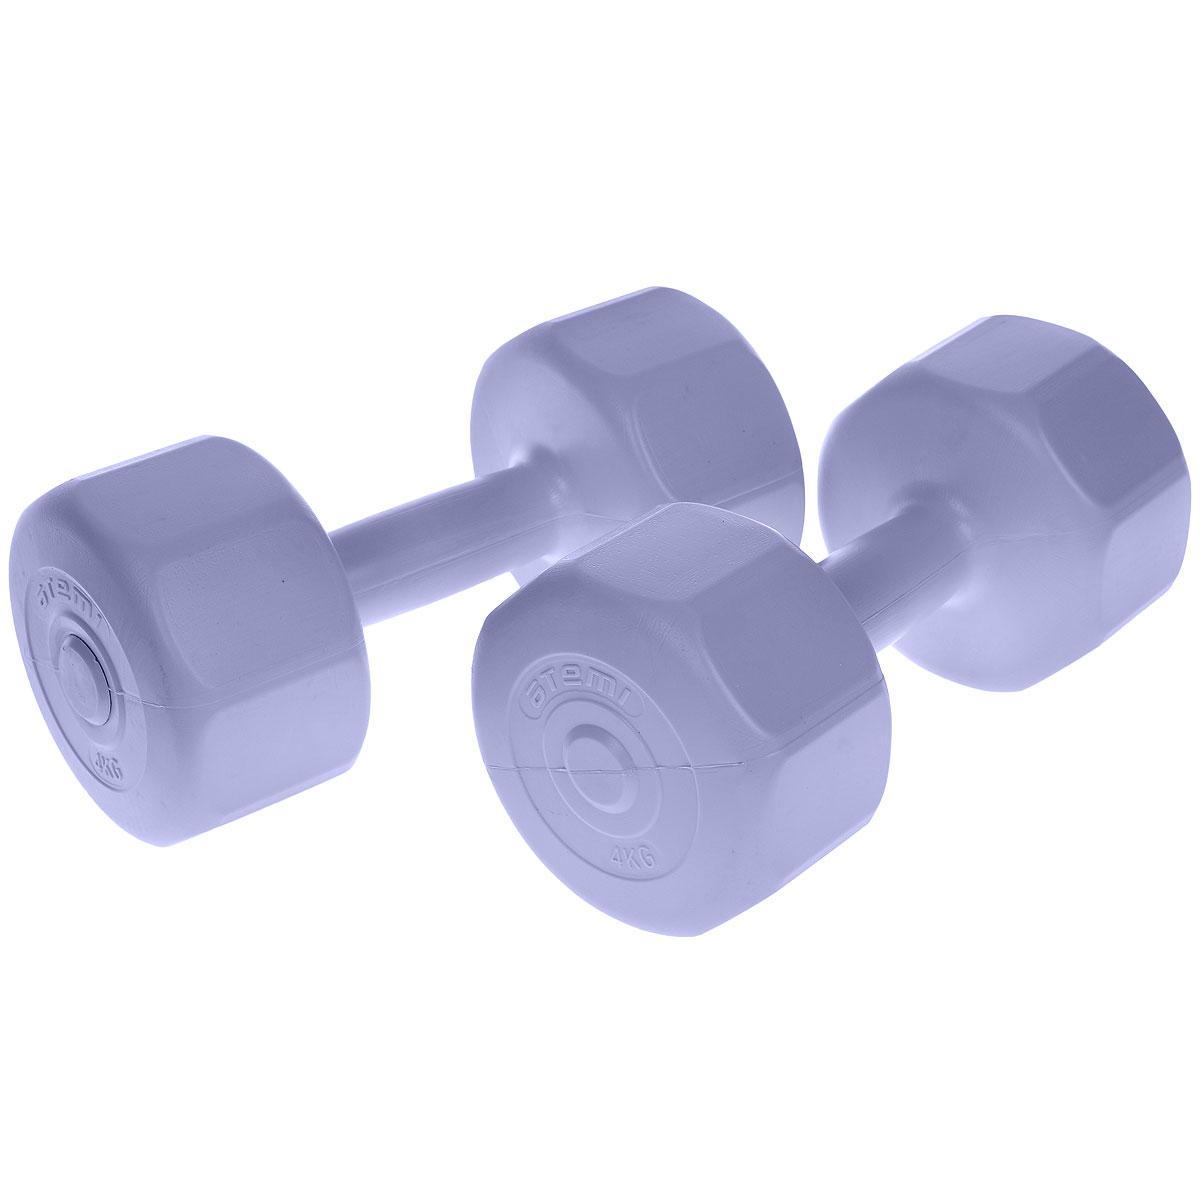 Гантели виниловые Atemi, цвет: фиолетовый, 4 кг, 2 штAD-02-8Гантели Atemi специальной формы против качения идеально подходят как для тренировок дома, так и в офисе. Гантели помогают укрепить мышцы рук, грудной клетки, верхней части спины и плеч.